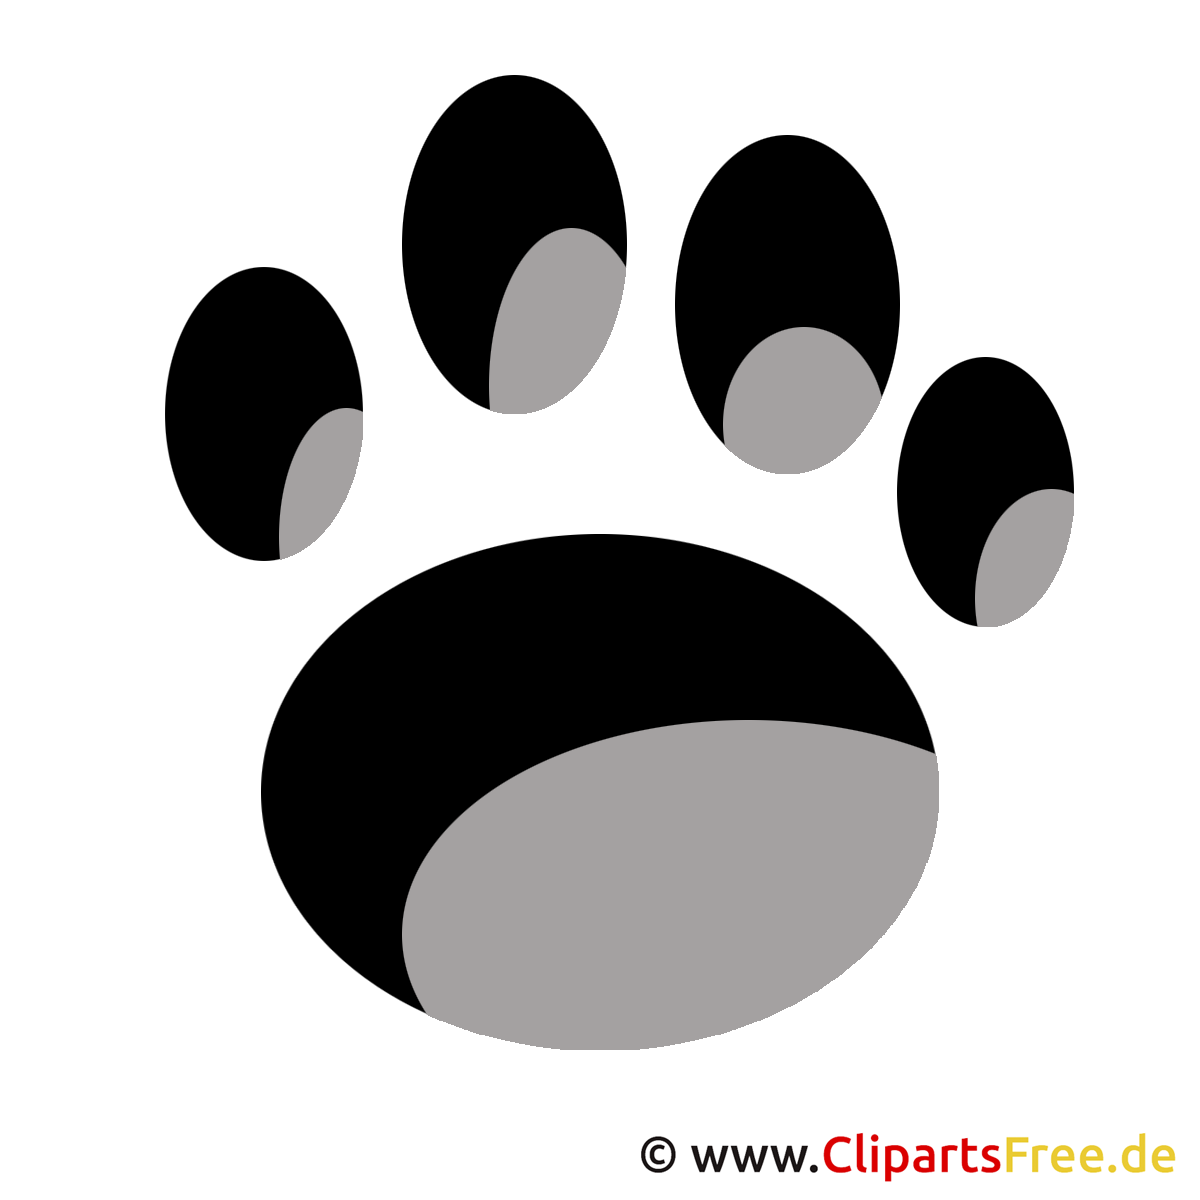 clipart kostenlos hund - photo #5